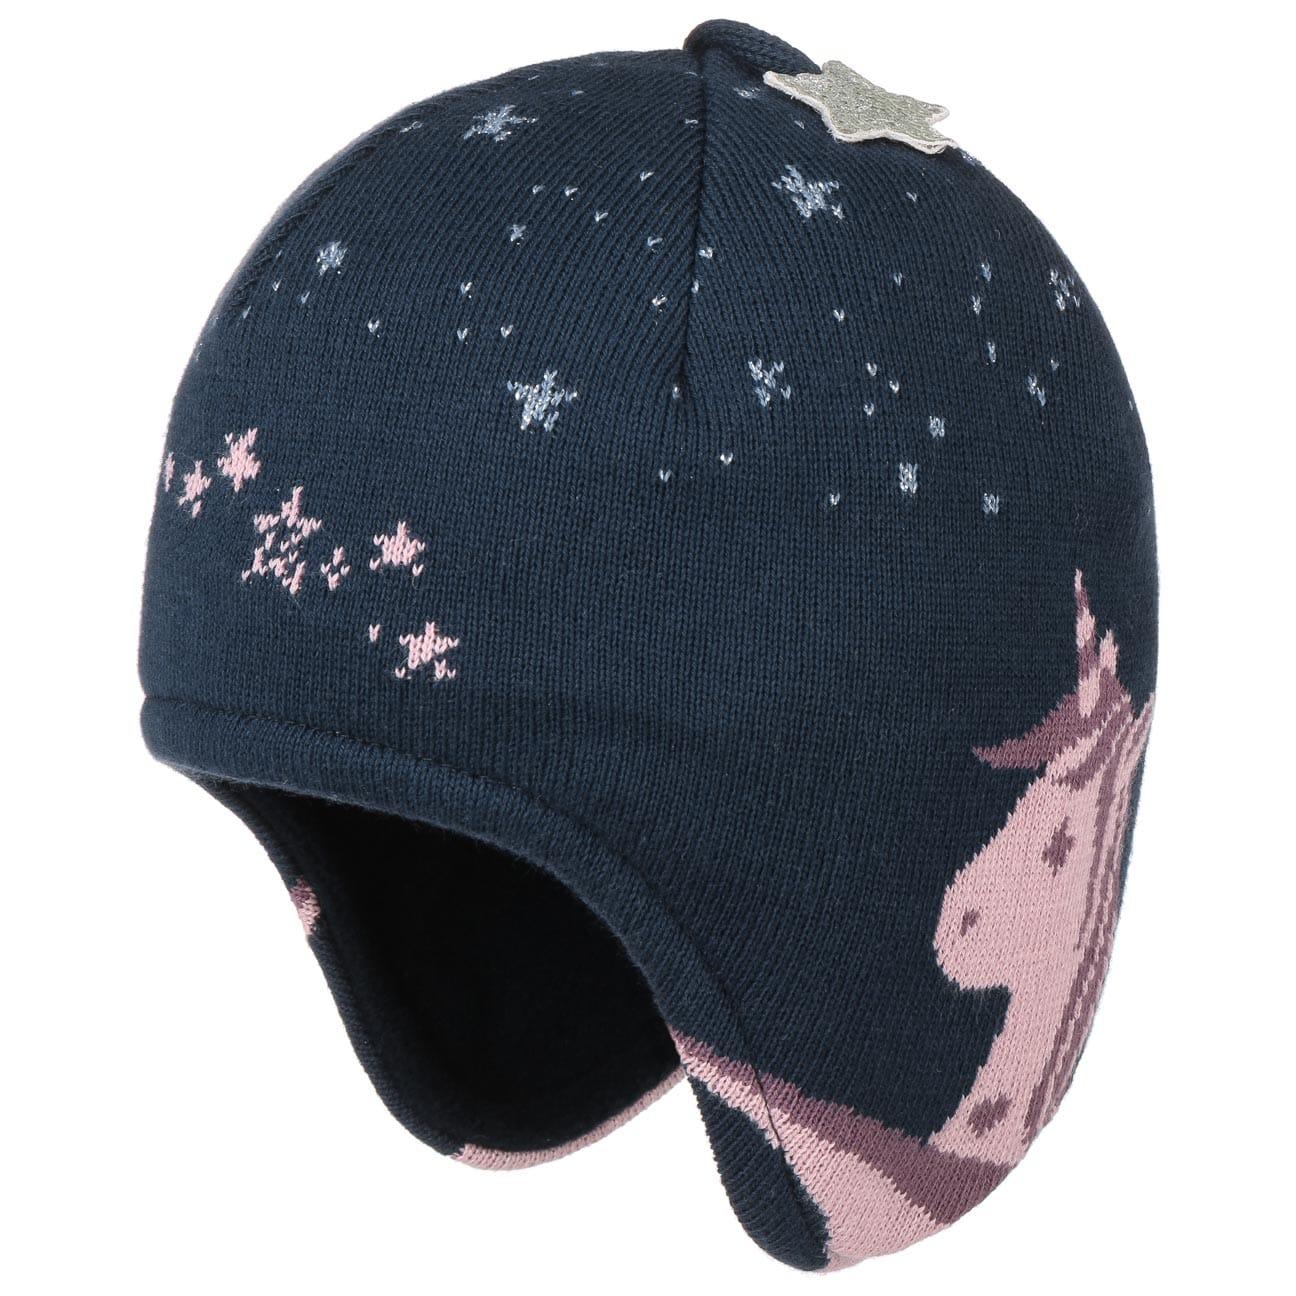 Bonnet Péruvien pour Enfant Unicorno by maximo  bonnet en tricot